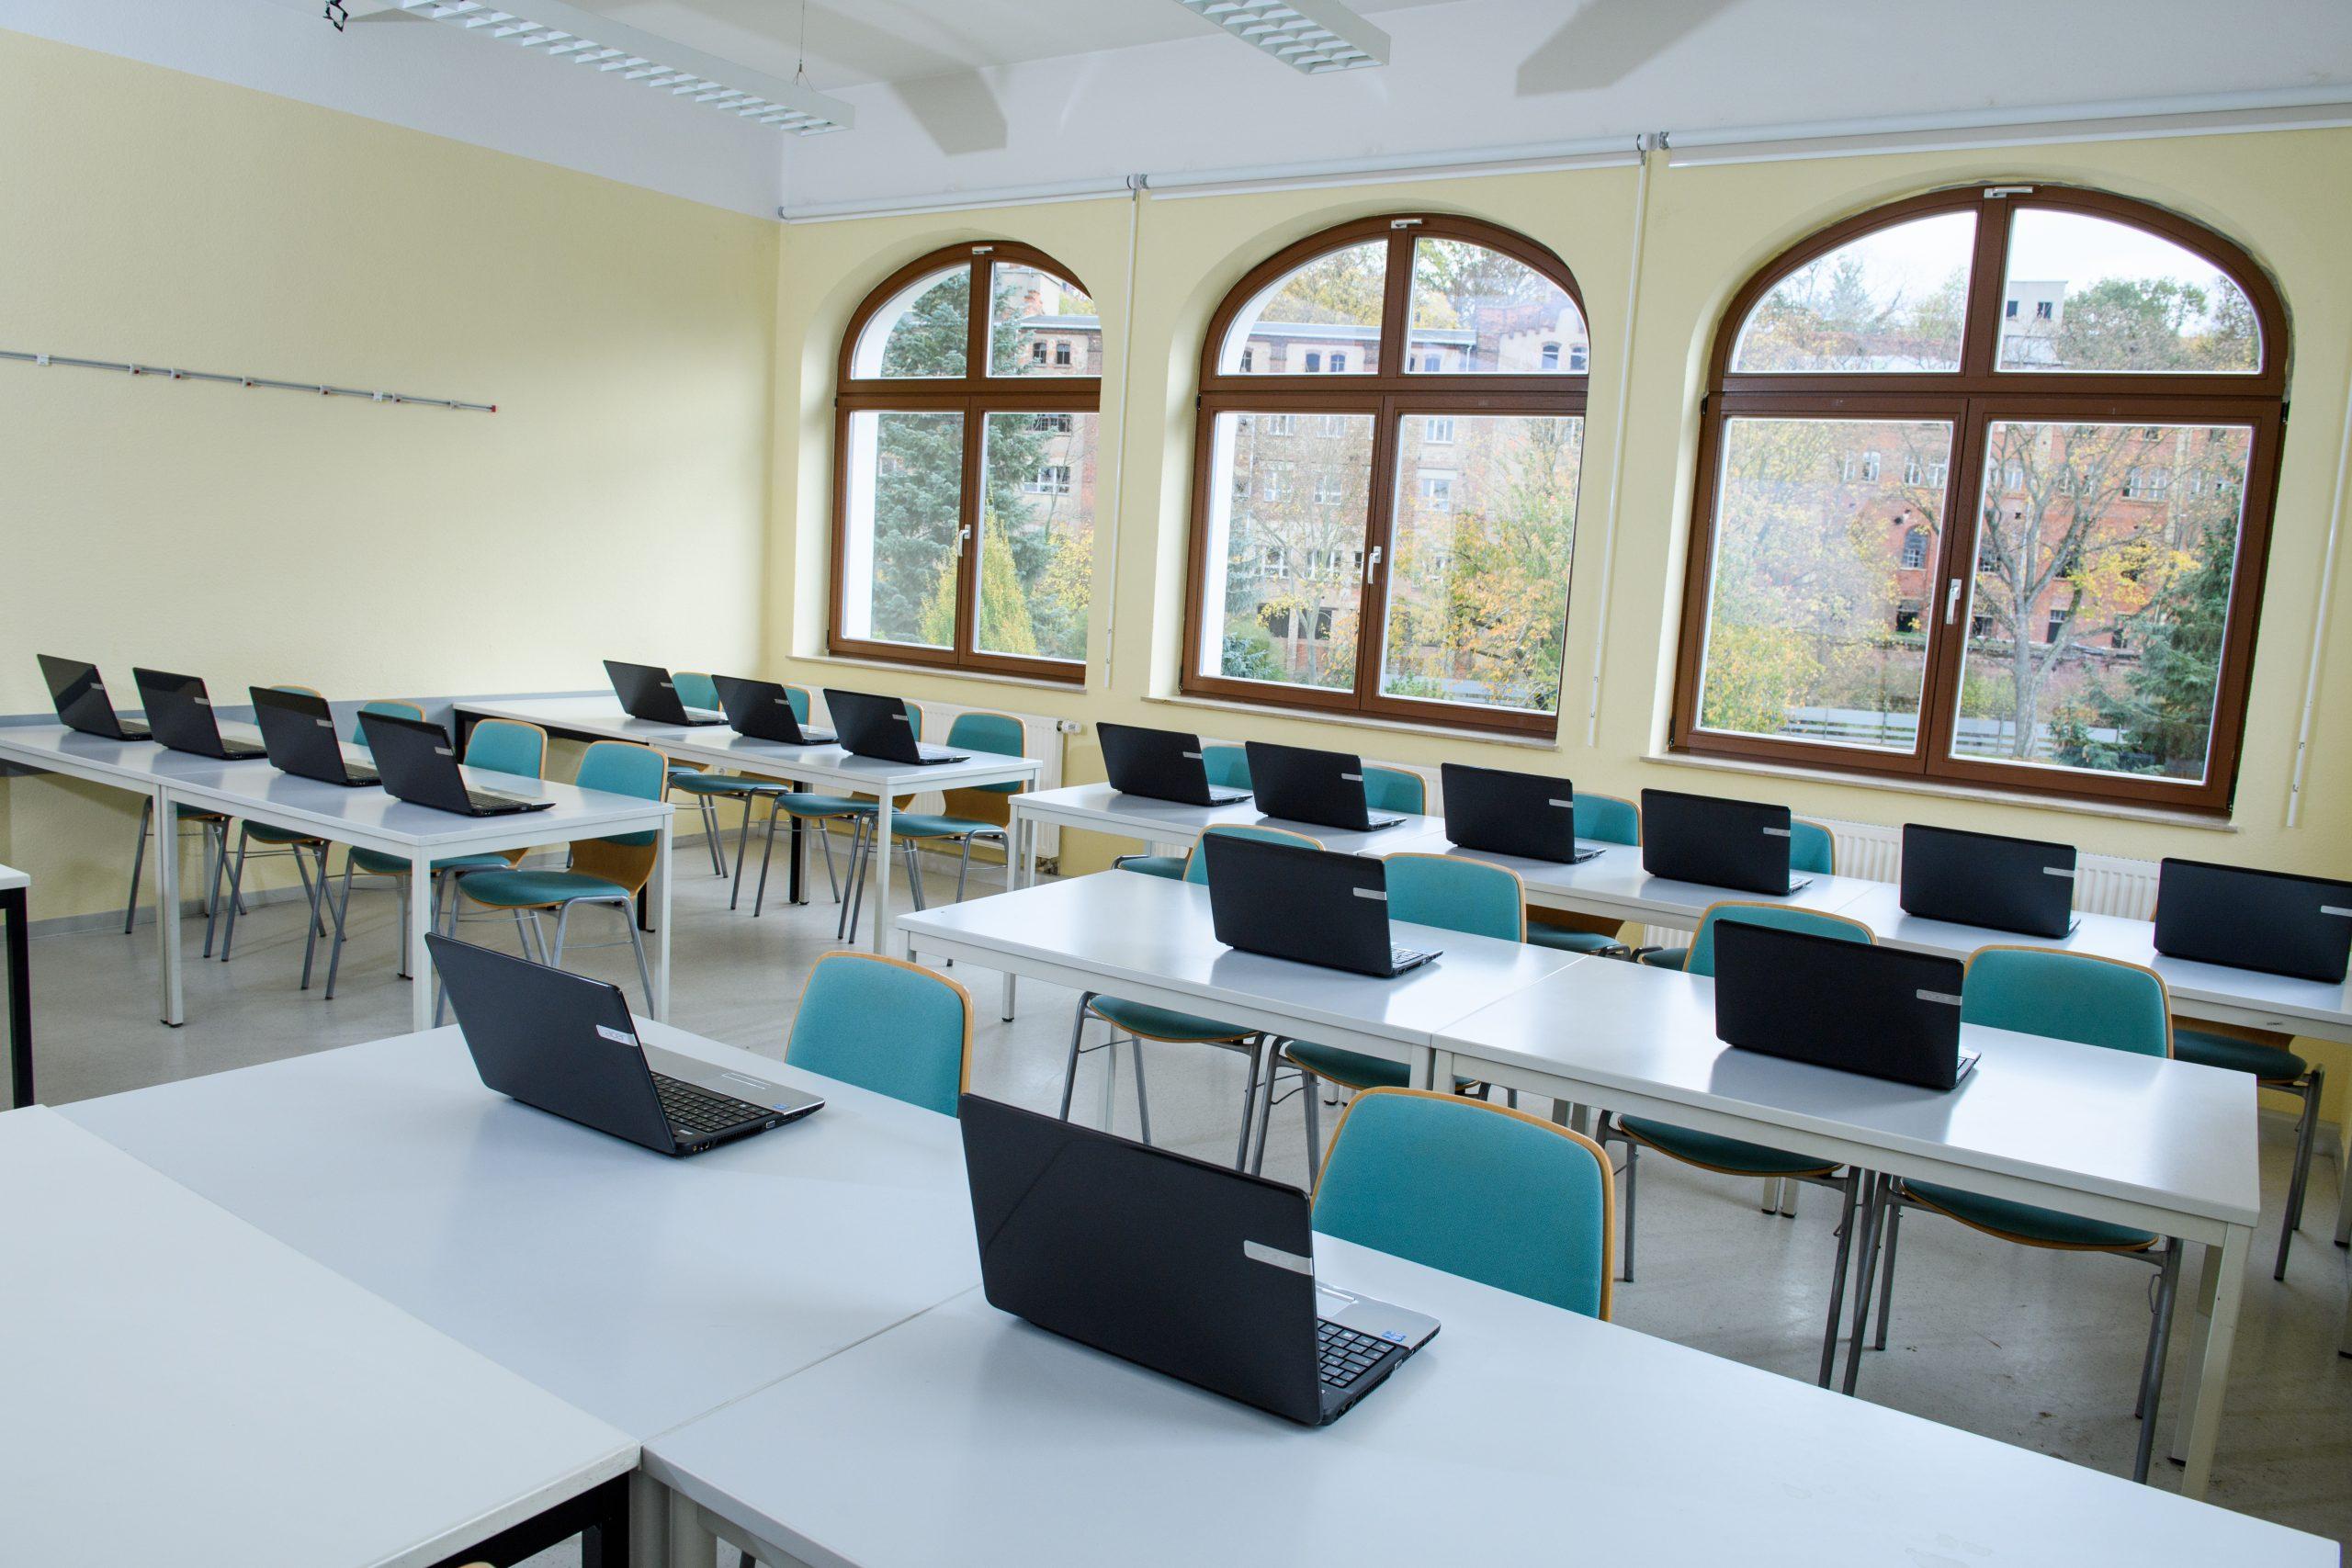 Seminarraum MBA neue Technik Naumburg und Zeitz zur Ausbildung von sozialen Berufen und Gesundheitsberufen